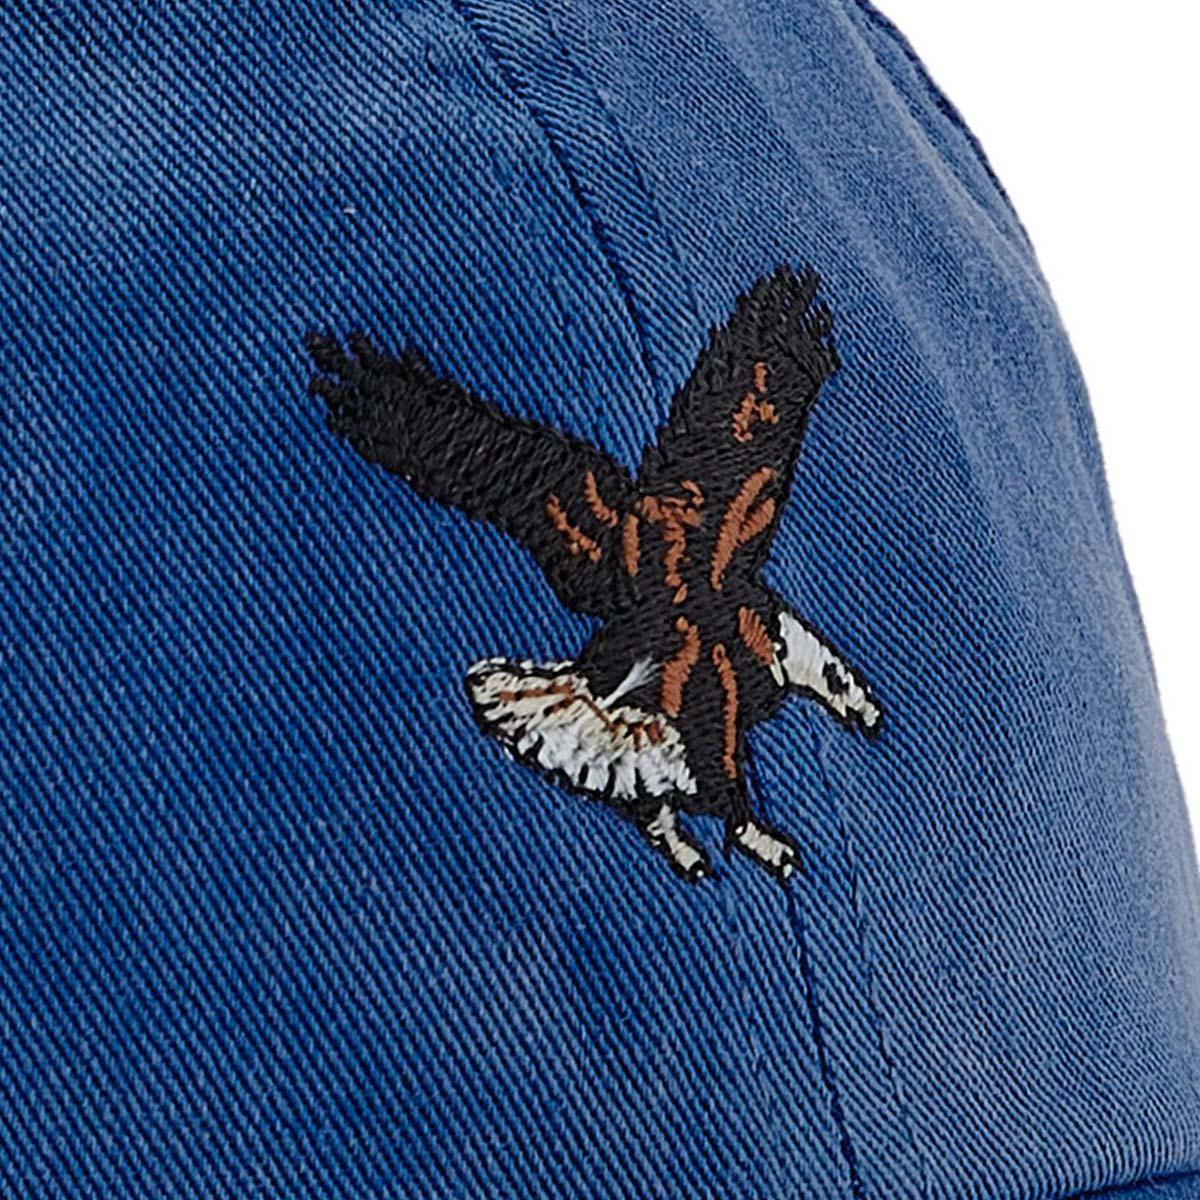 Filson Washed Low Profile Cap 20204530-Bright Blue Eagle, Kappe mit einer stärker abgerundeten Kronenform die vor den Elementen schützt